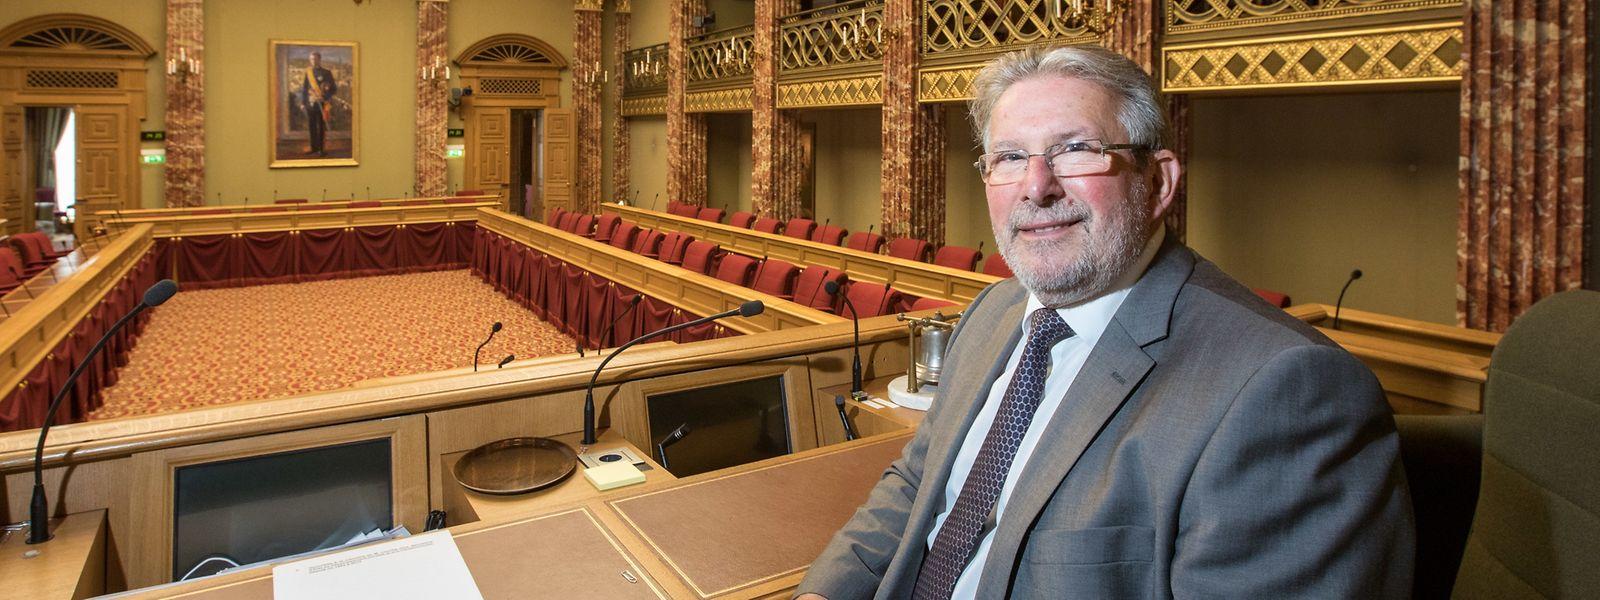 Mars Di Bartolomeo à la Chambre des députés.